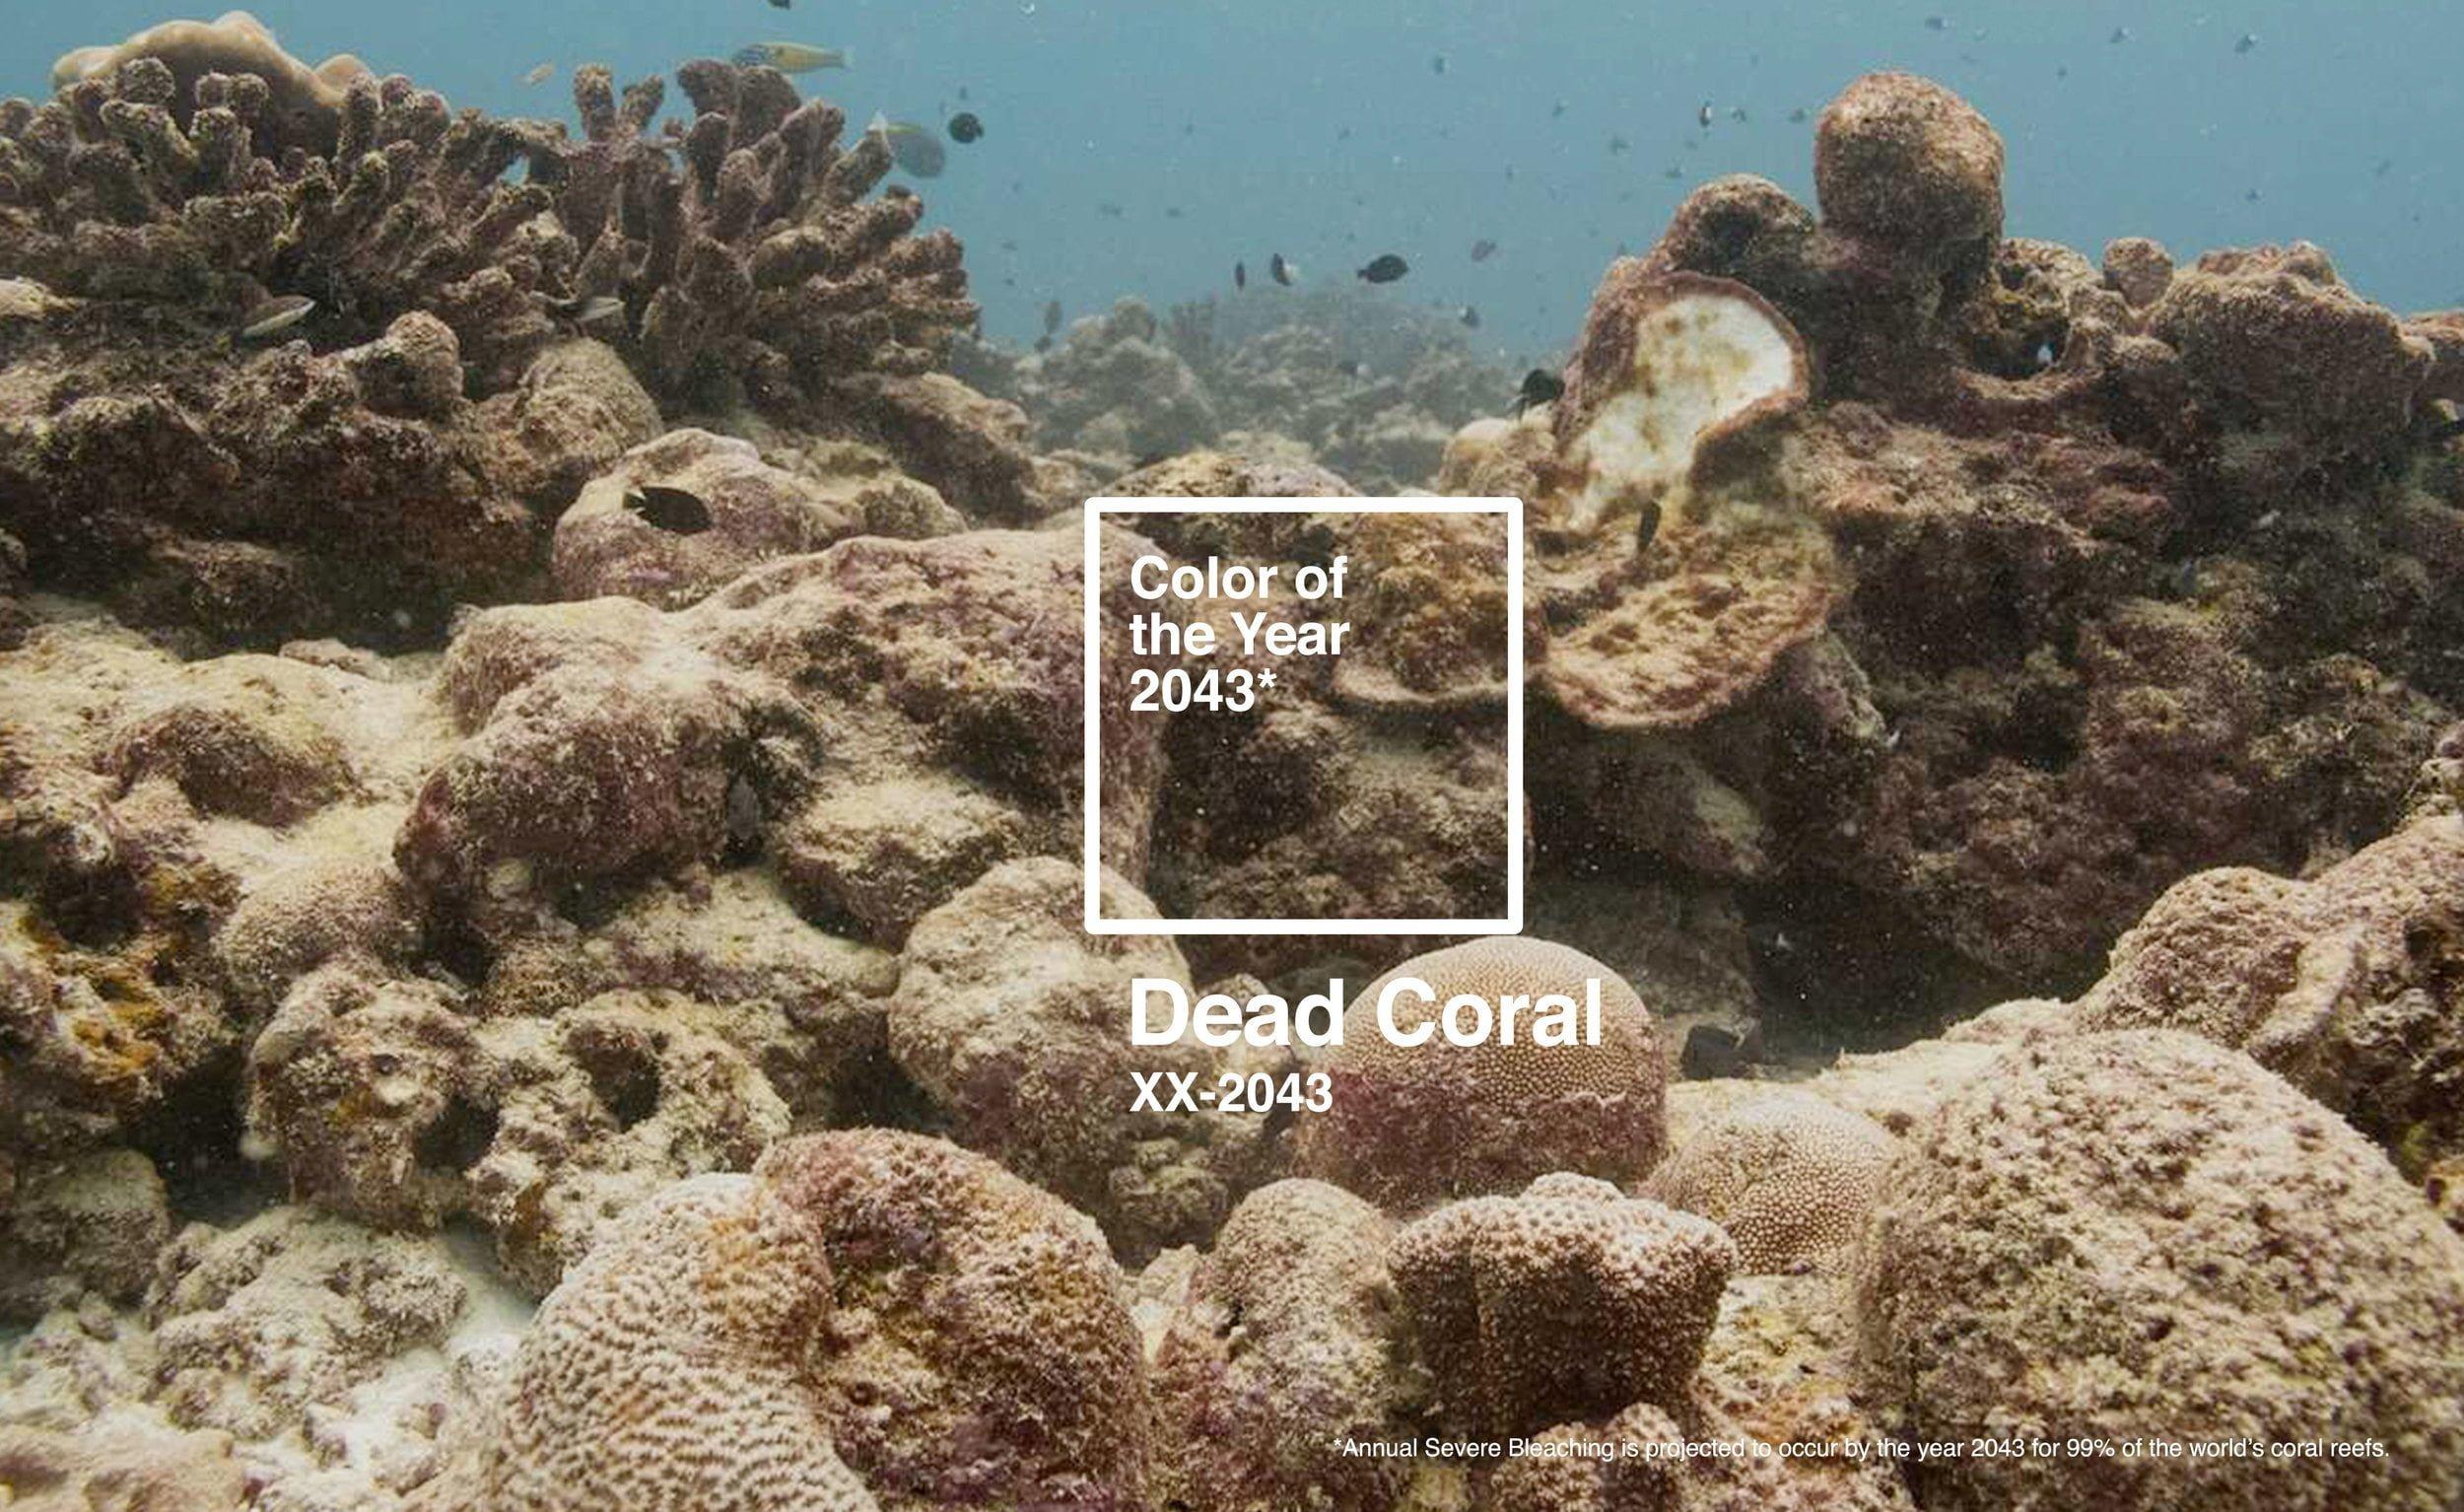 2043 Yılının Pantone Rengi Belirlendi: Ölü Mercan